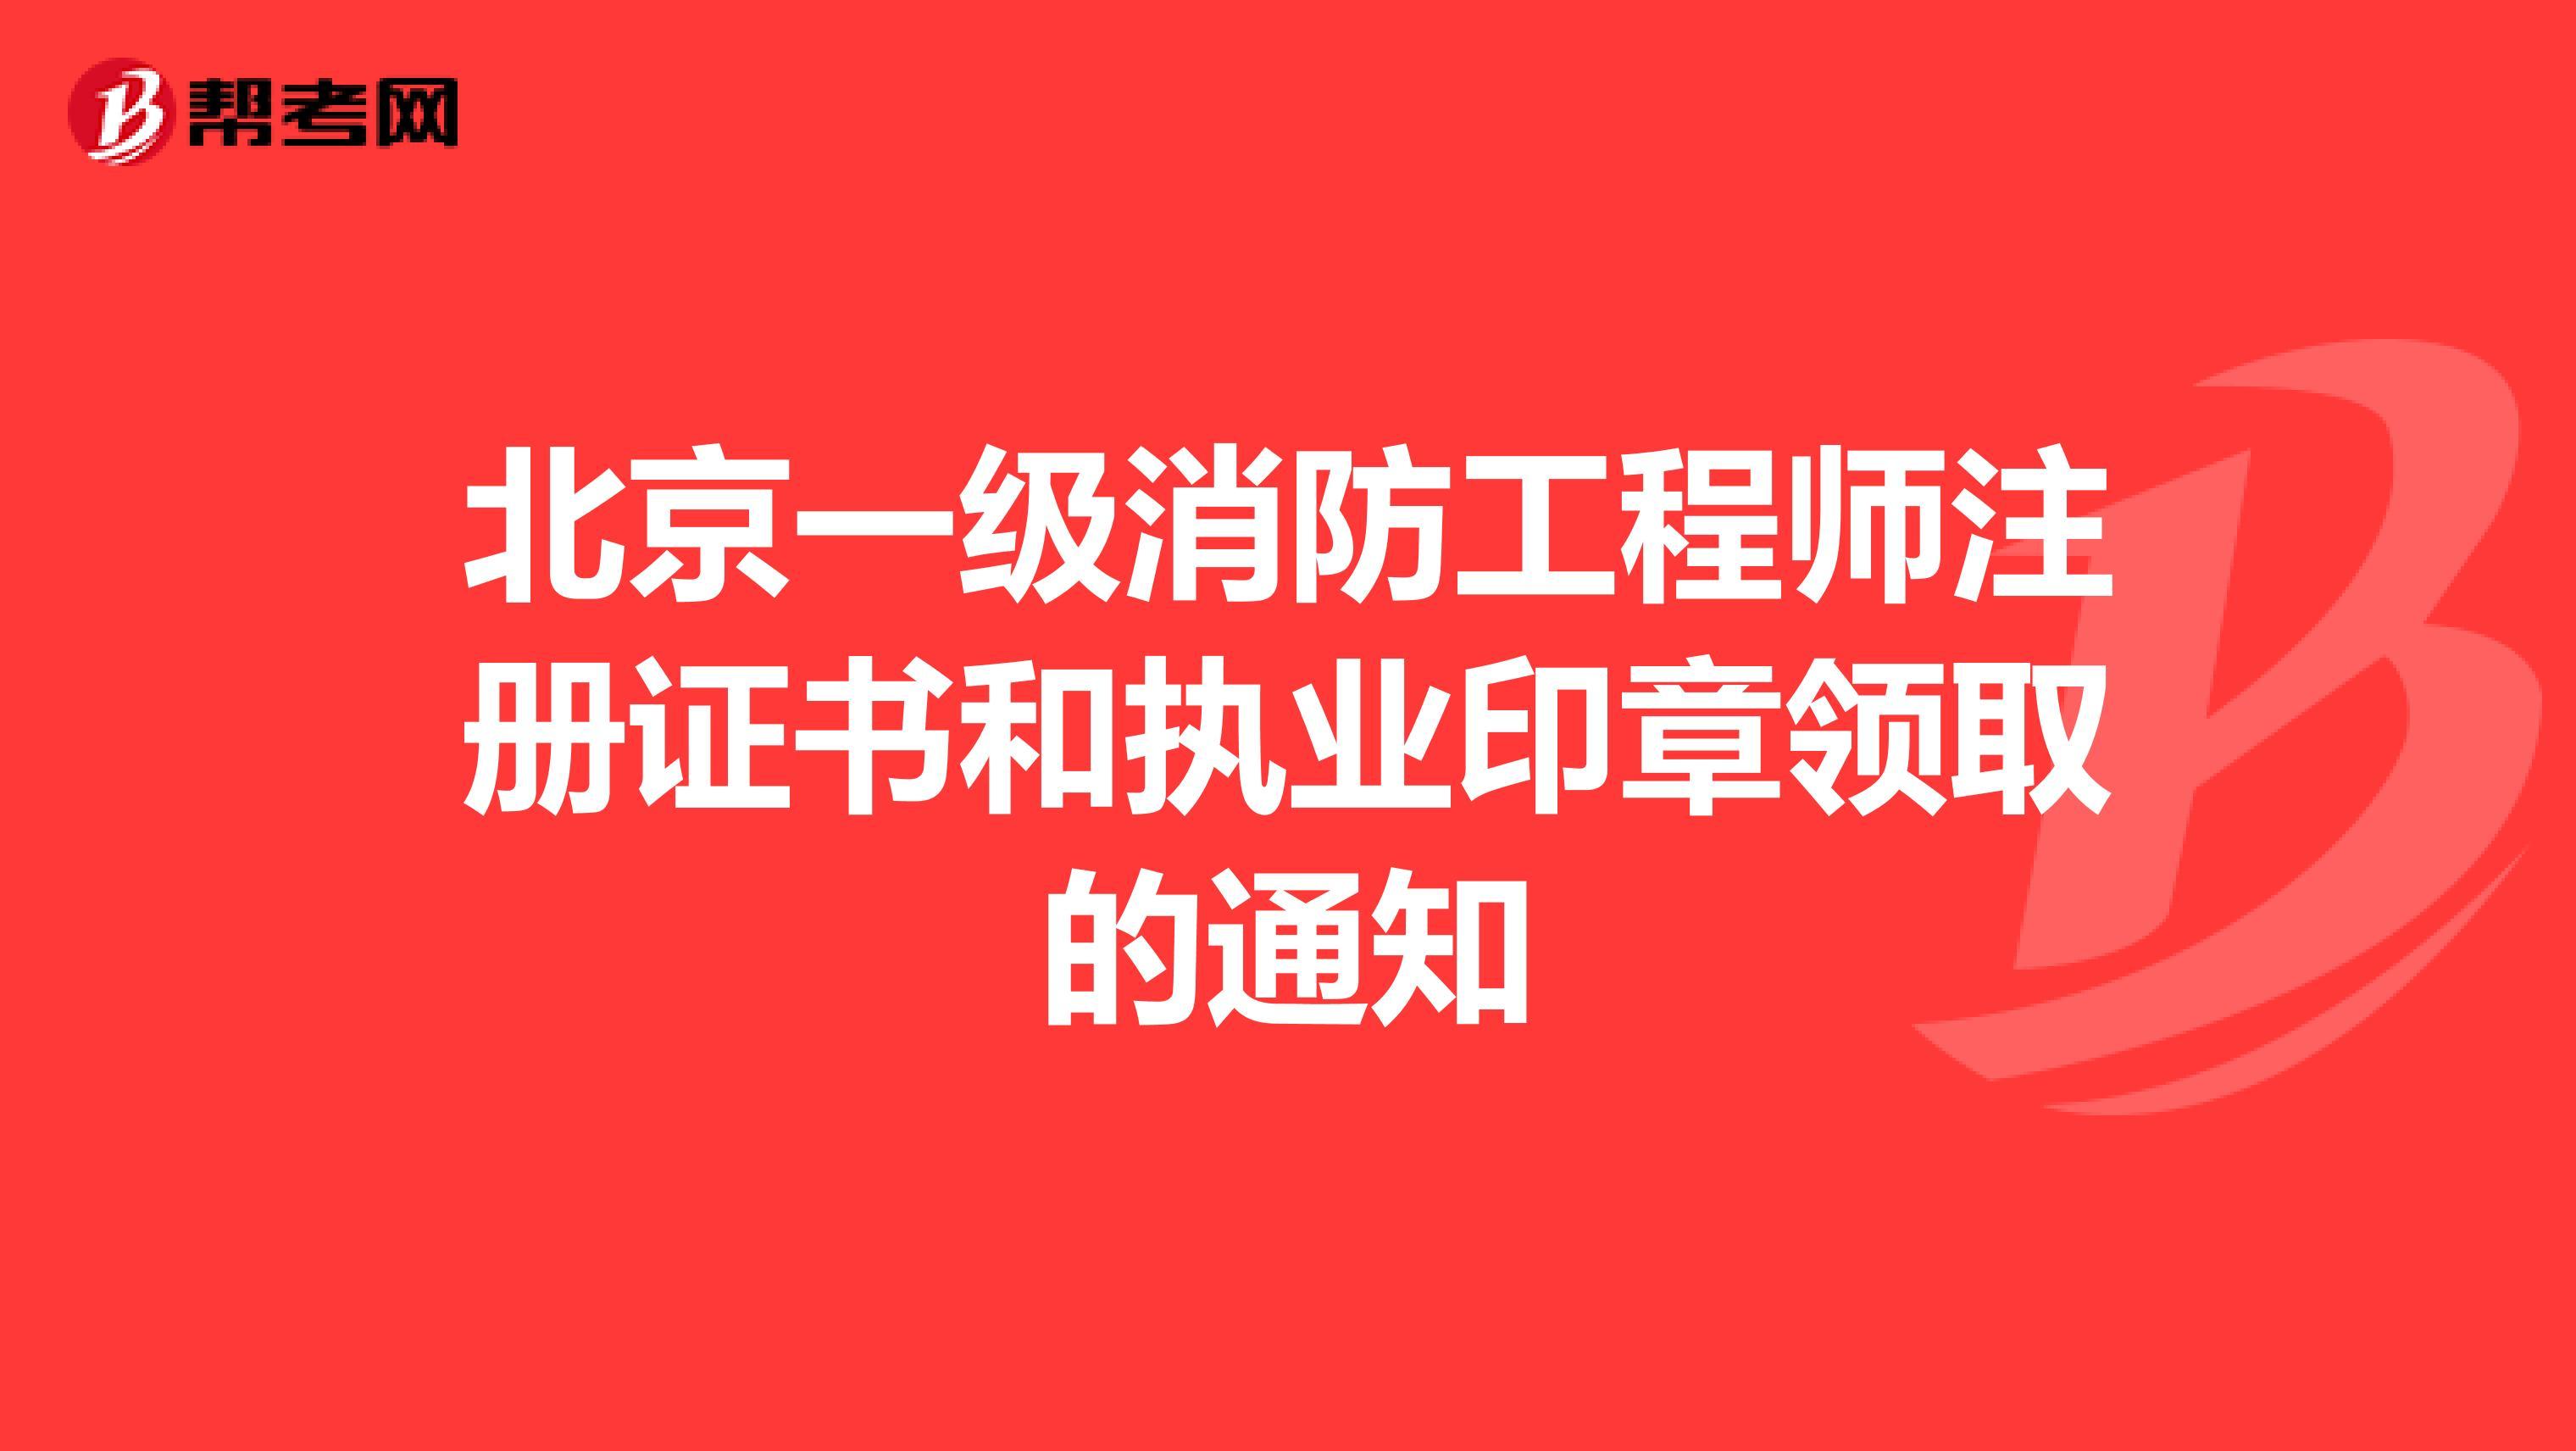 北京一级消防工程师注册证书和执业印章领取的通知